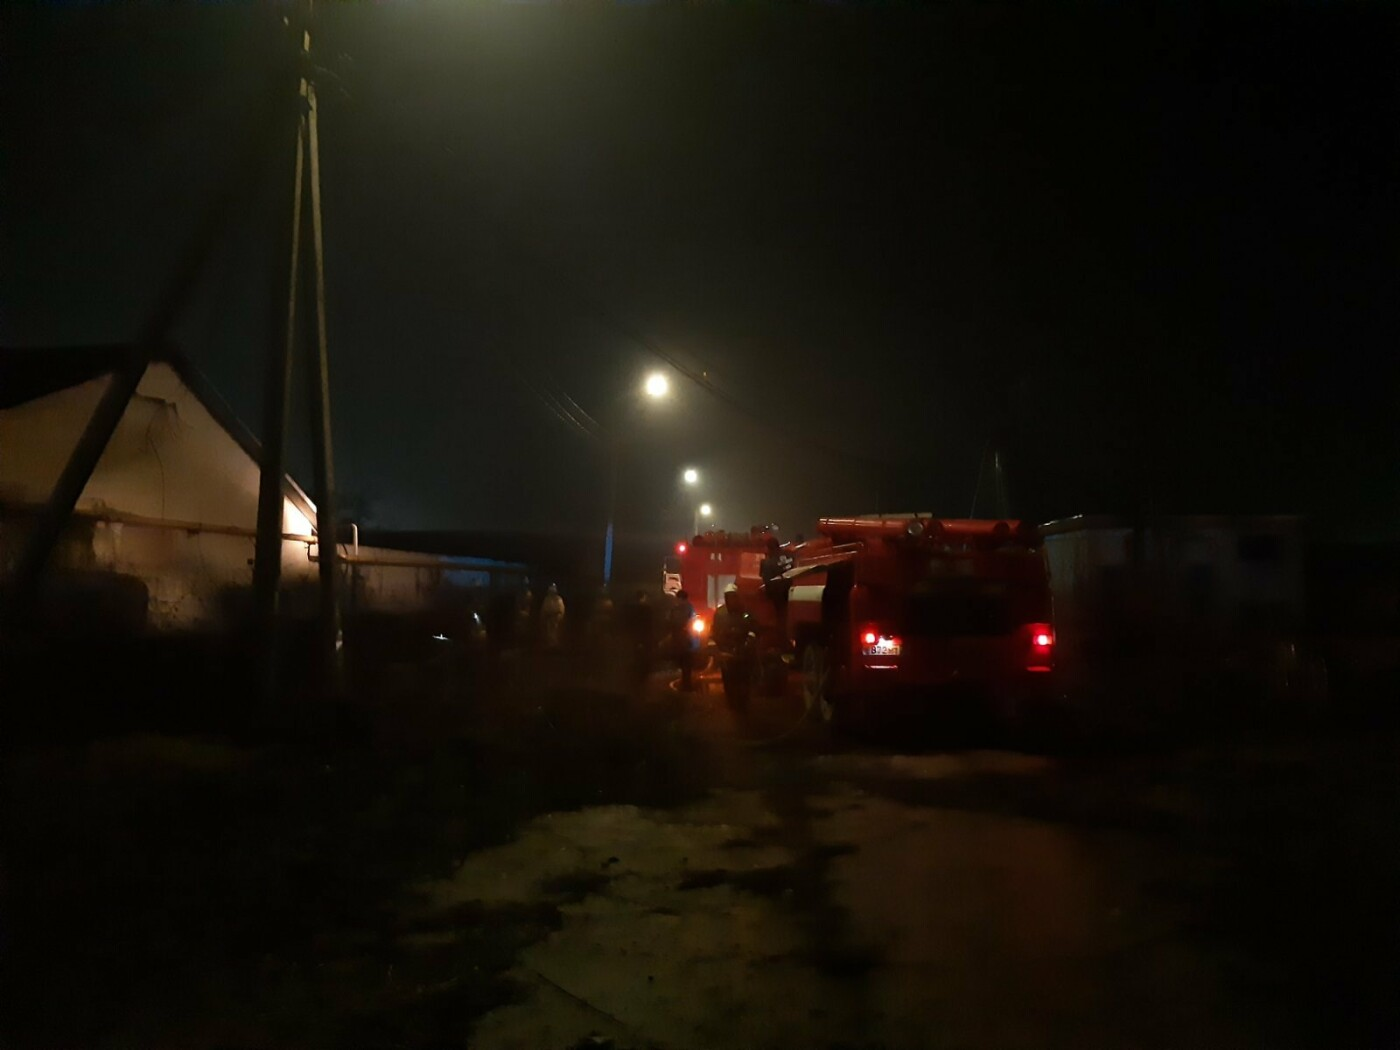 В Белгородской области ночью горел свинокомплекс, фото-1, Фото: пресс-служба Главного управления МЧС по Белгородской области